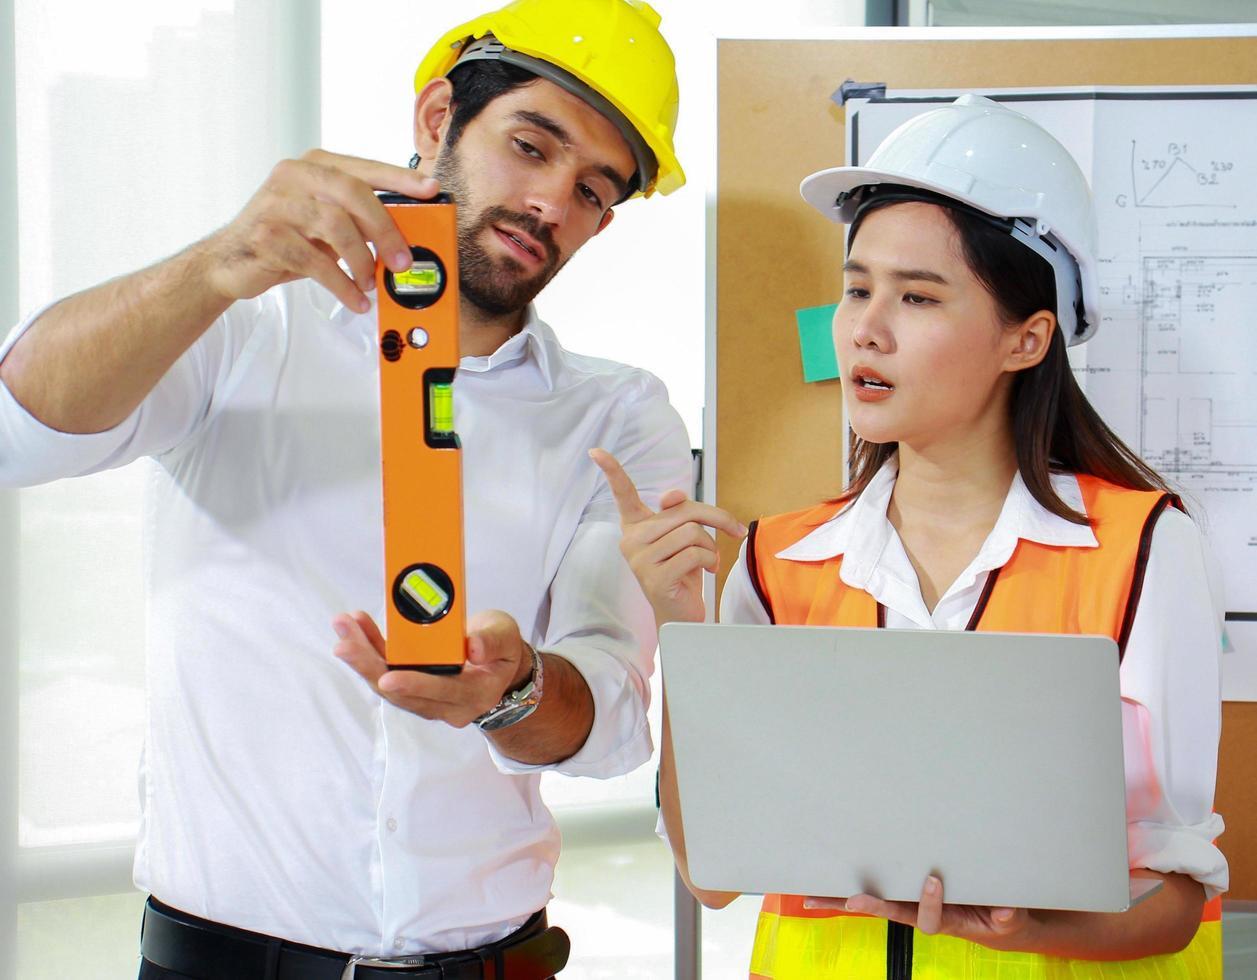 ingenieurs bespreken project terwijl ze een laptop vasthouden foto